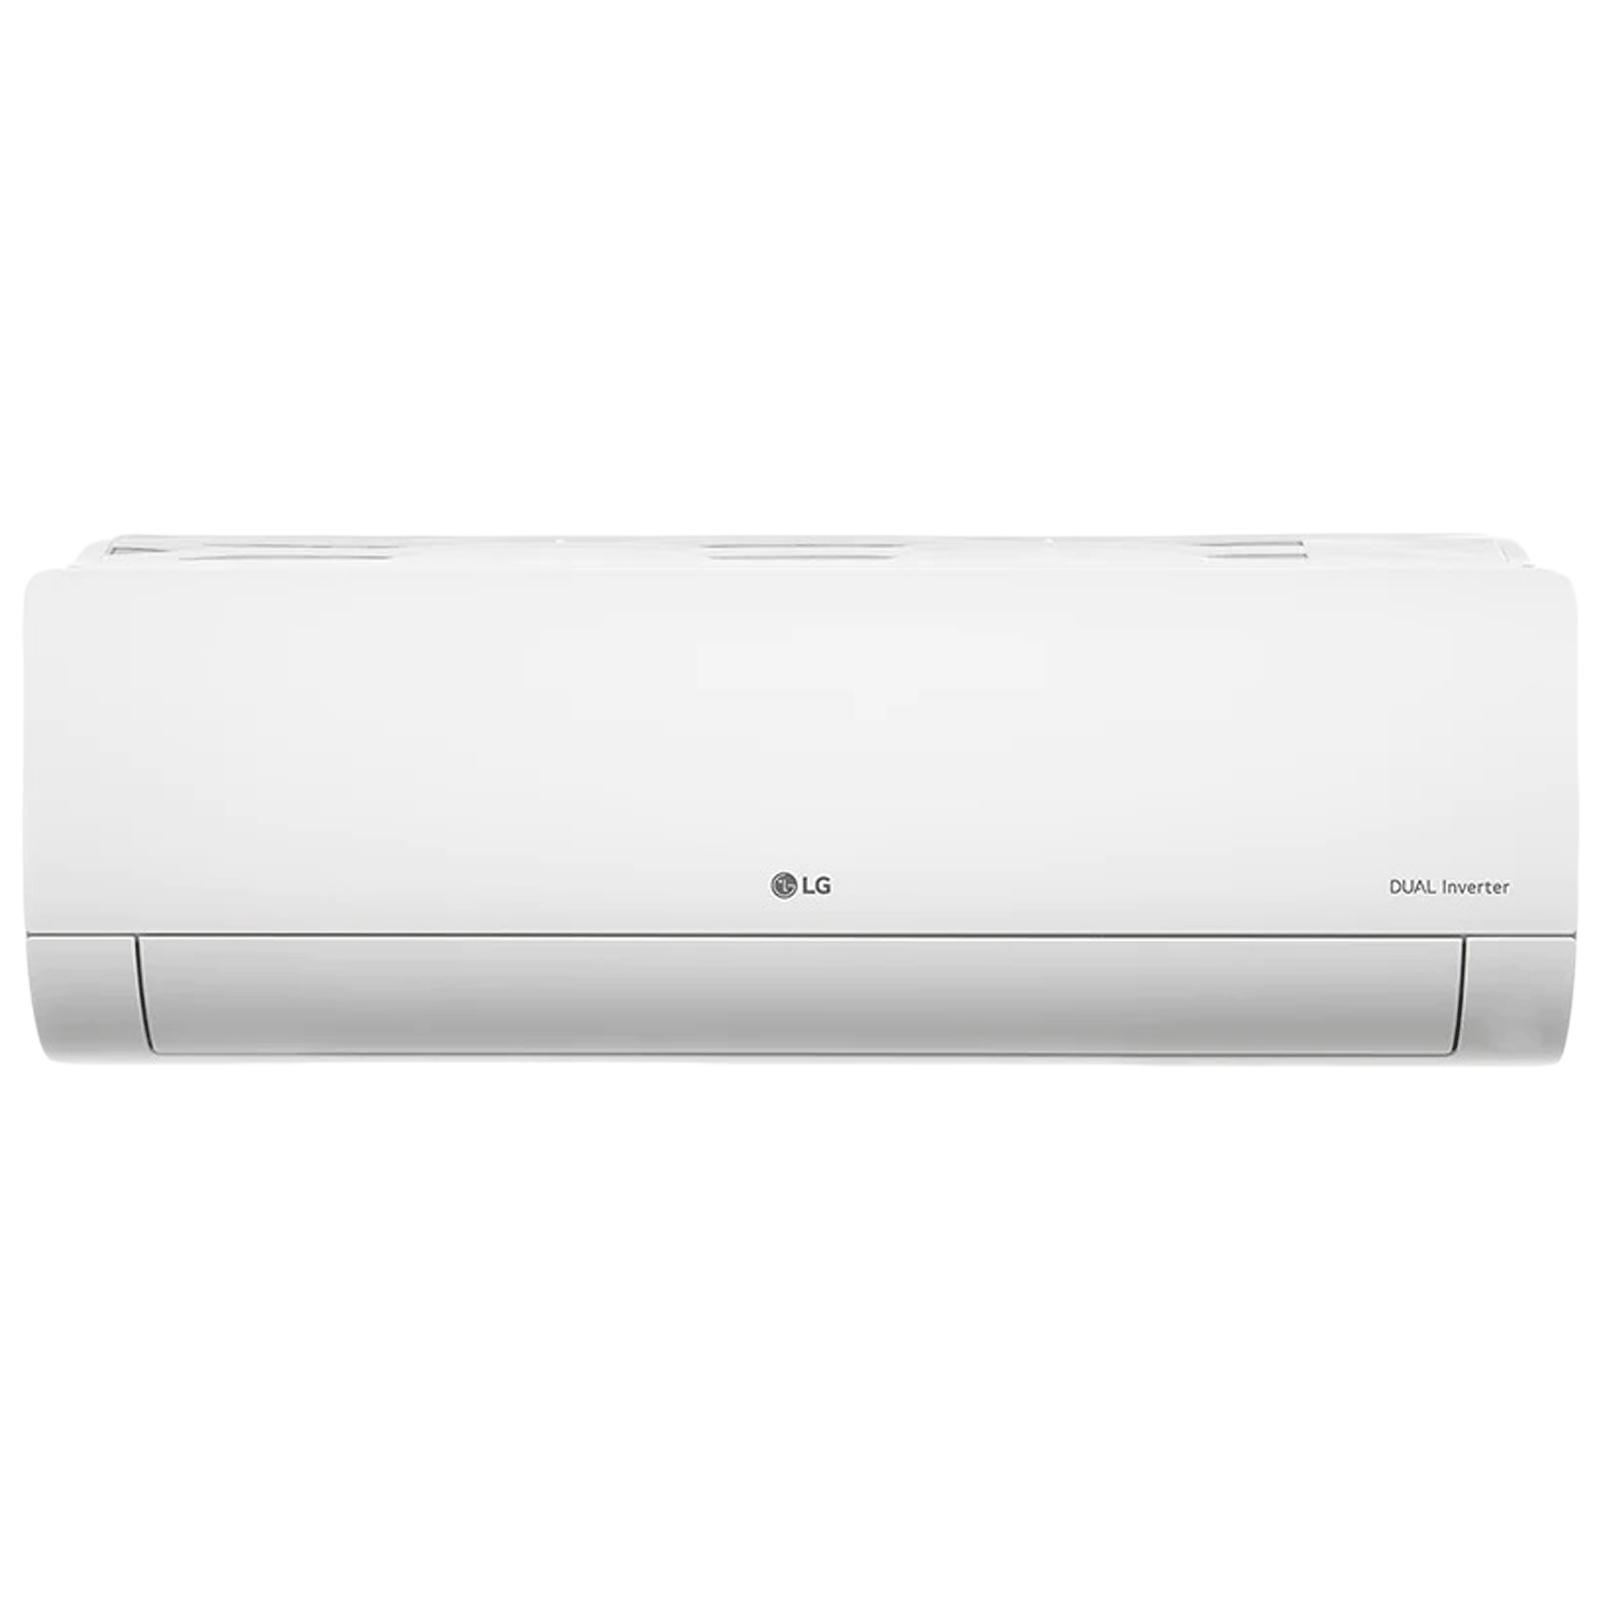 LG 1.5 Ton 5 Star Inverter Split AC (Copper Condenser, MSQ-18JNZA, White)_1